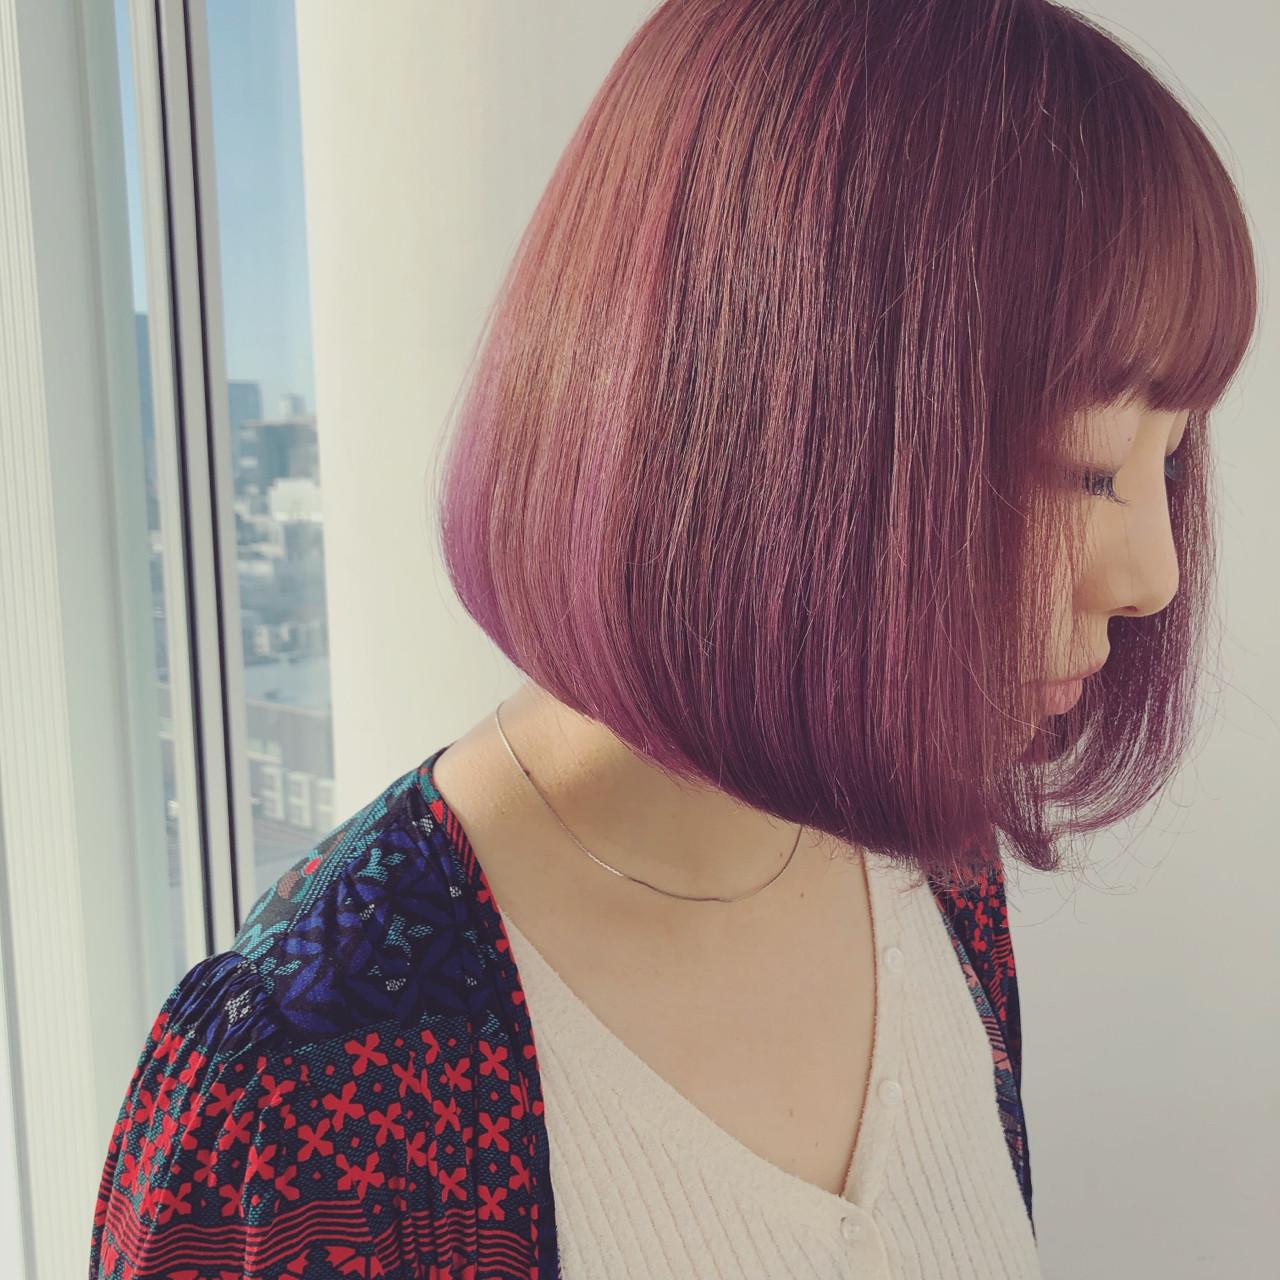 ピンク ボブ オルチャン パープル ヘアスタイルや髪型の写真・画像 | 古田 千明 // ZACC / ZACC vie